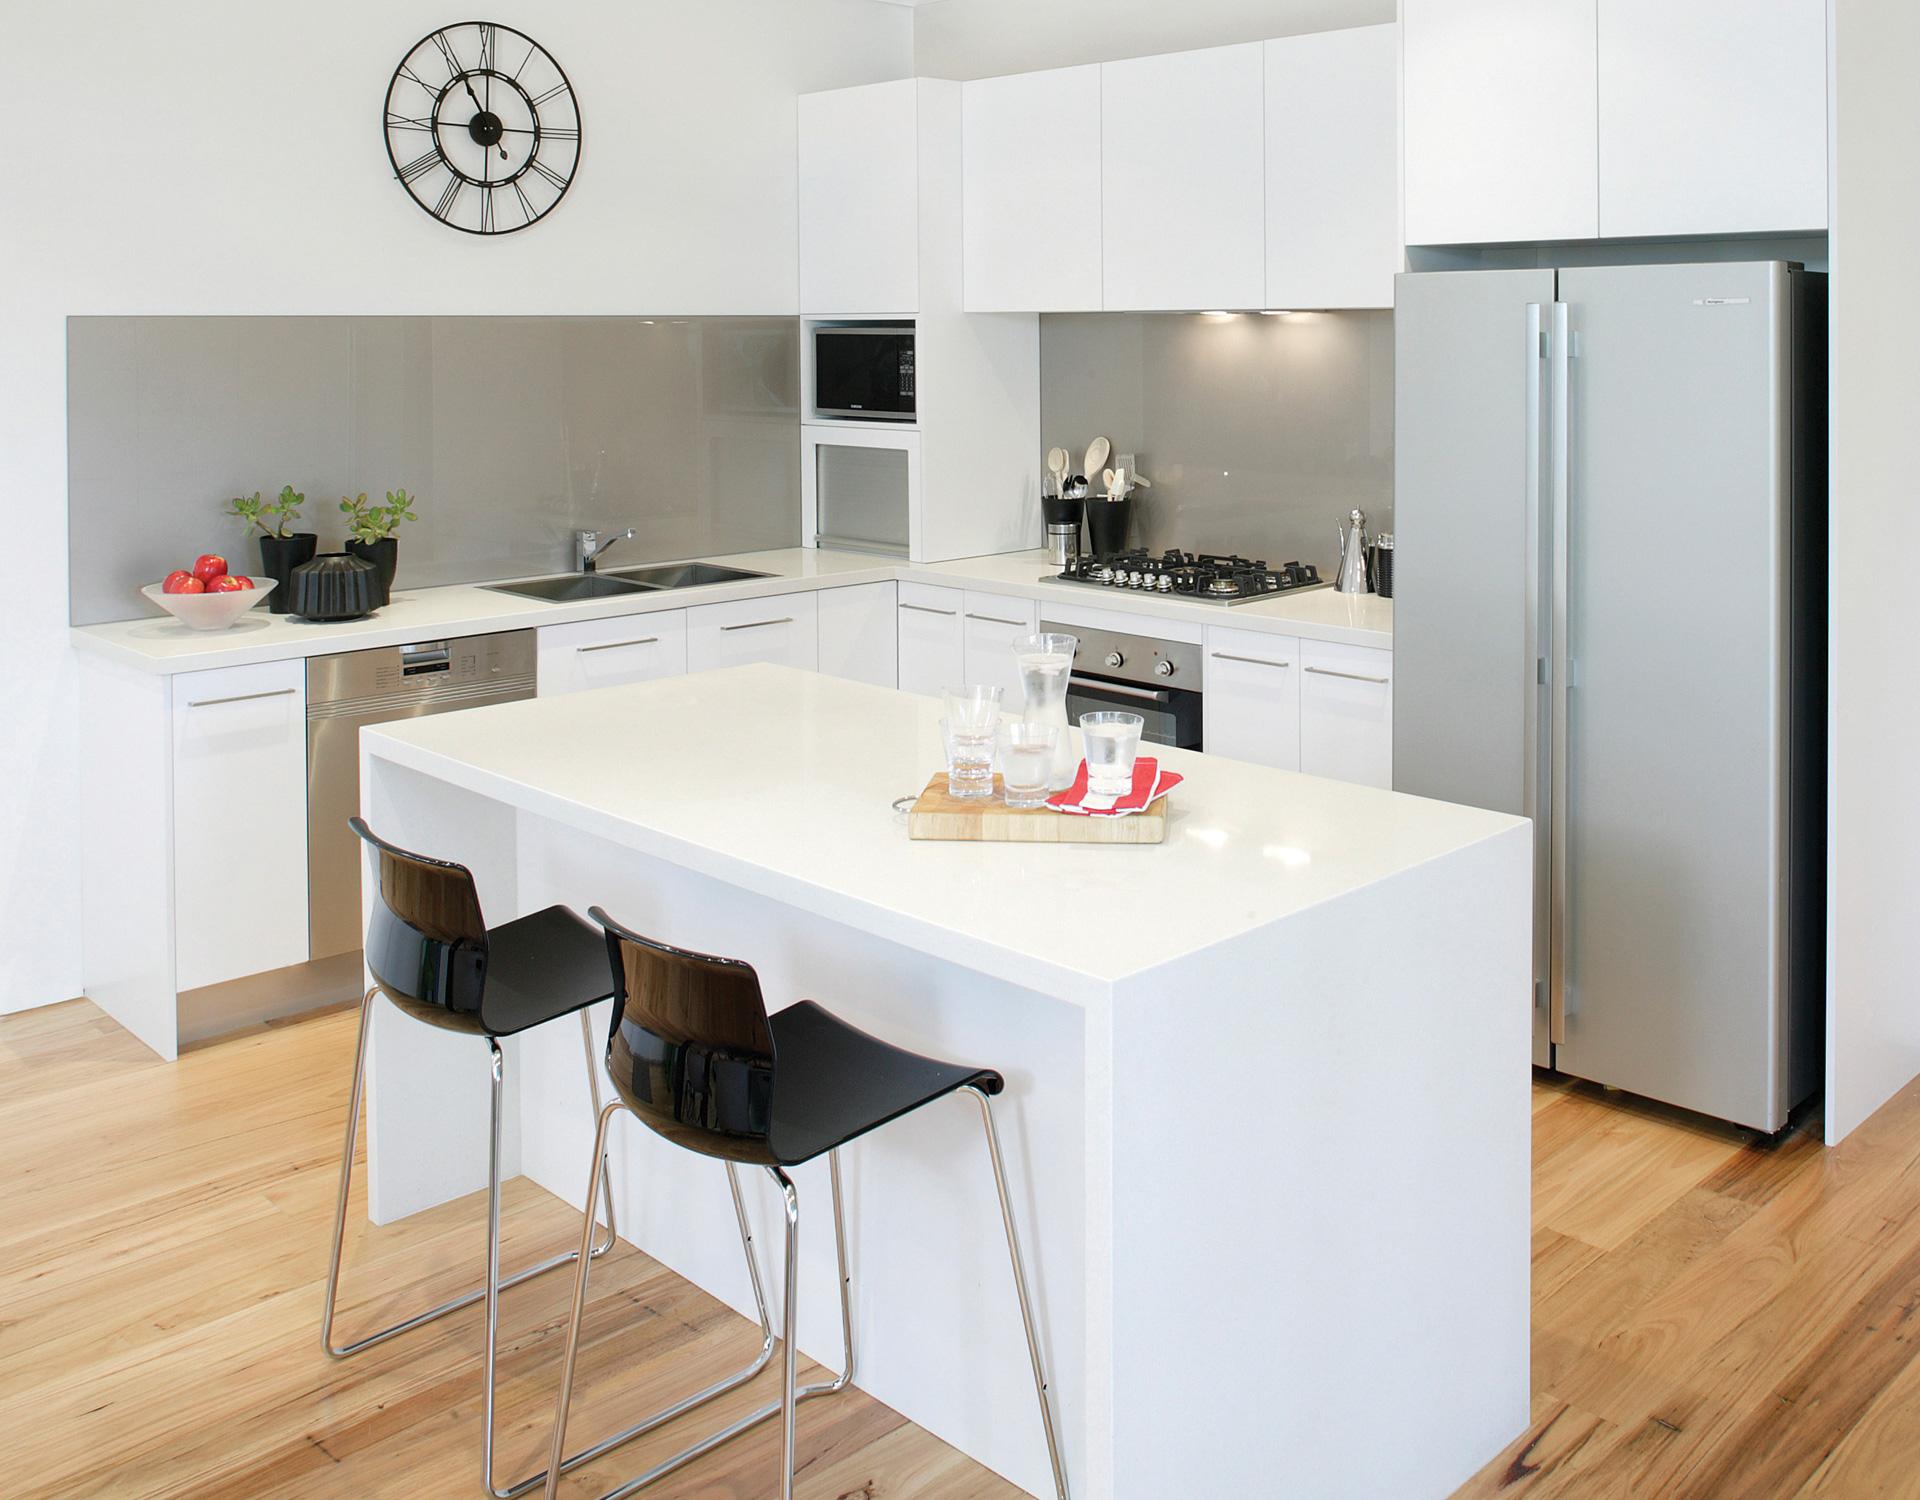 Kitchens | Flat Pack And Modern Designer Kitchens | Kinsman